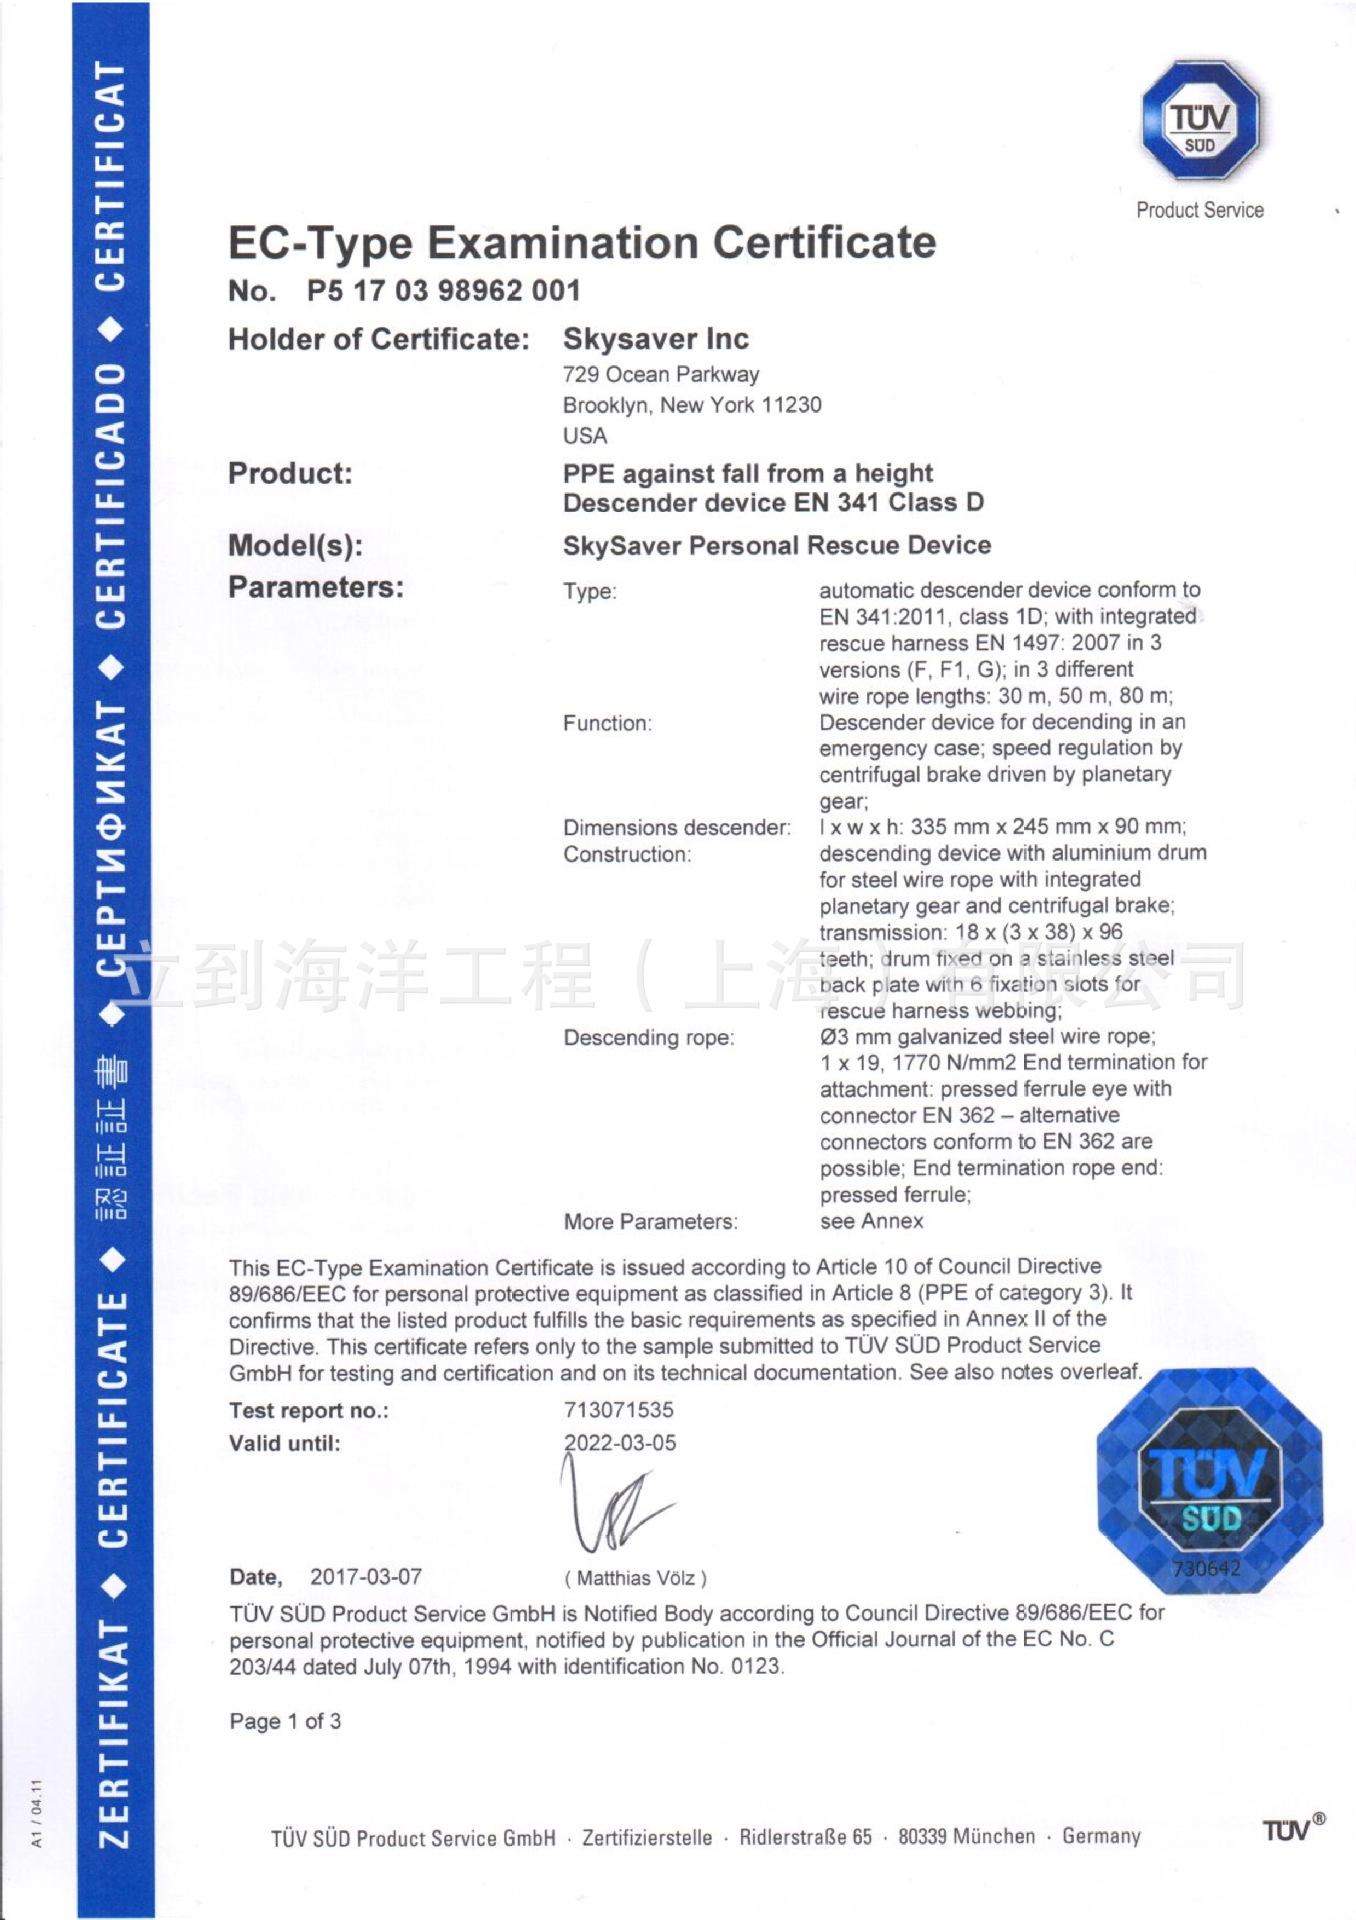 tuv-Certificate_1